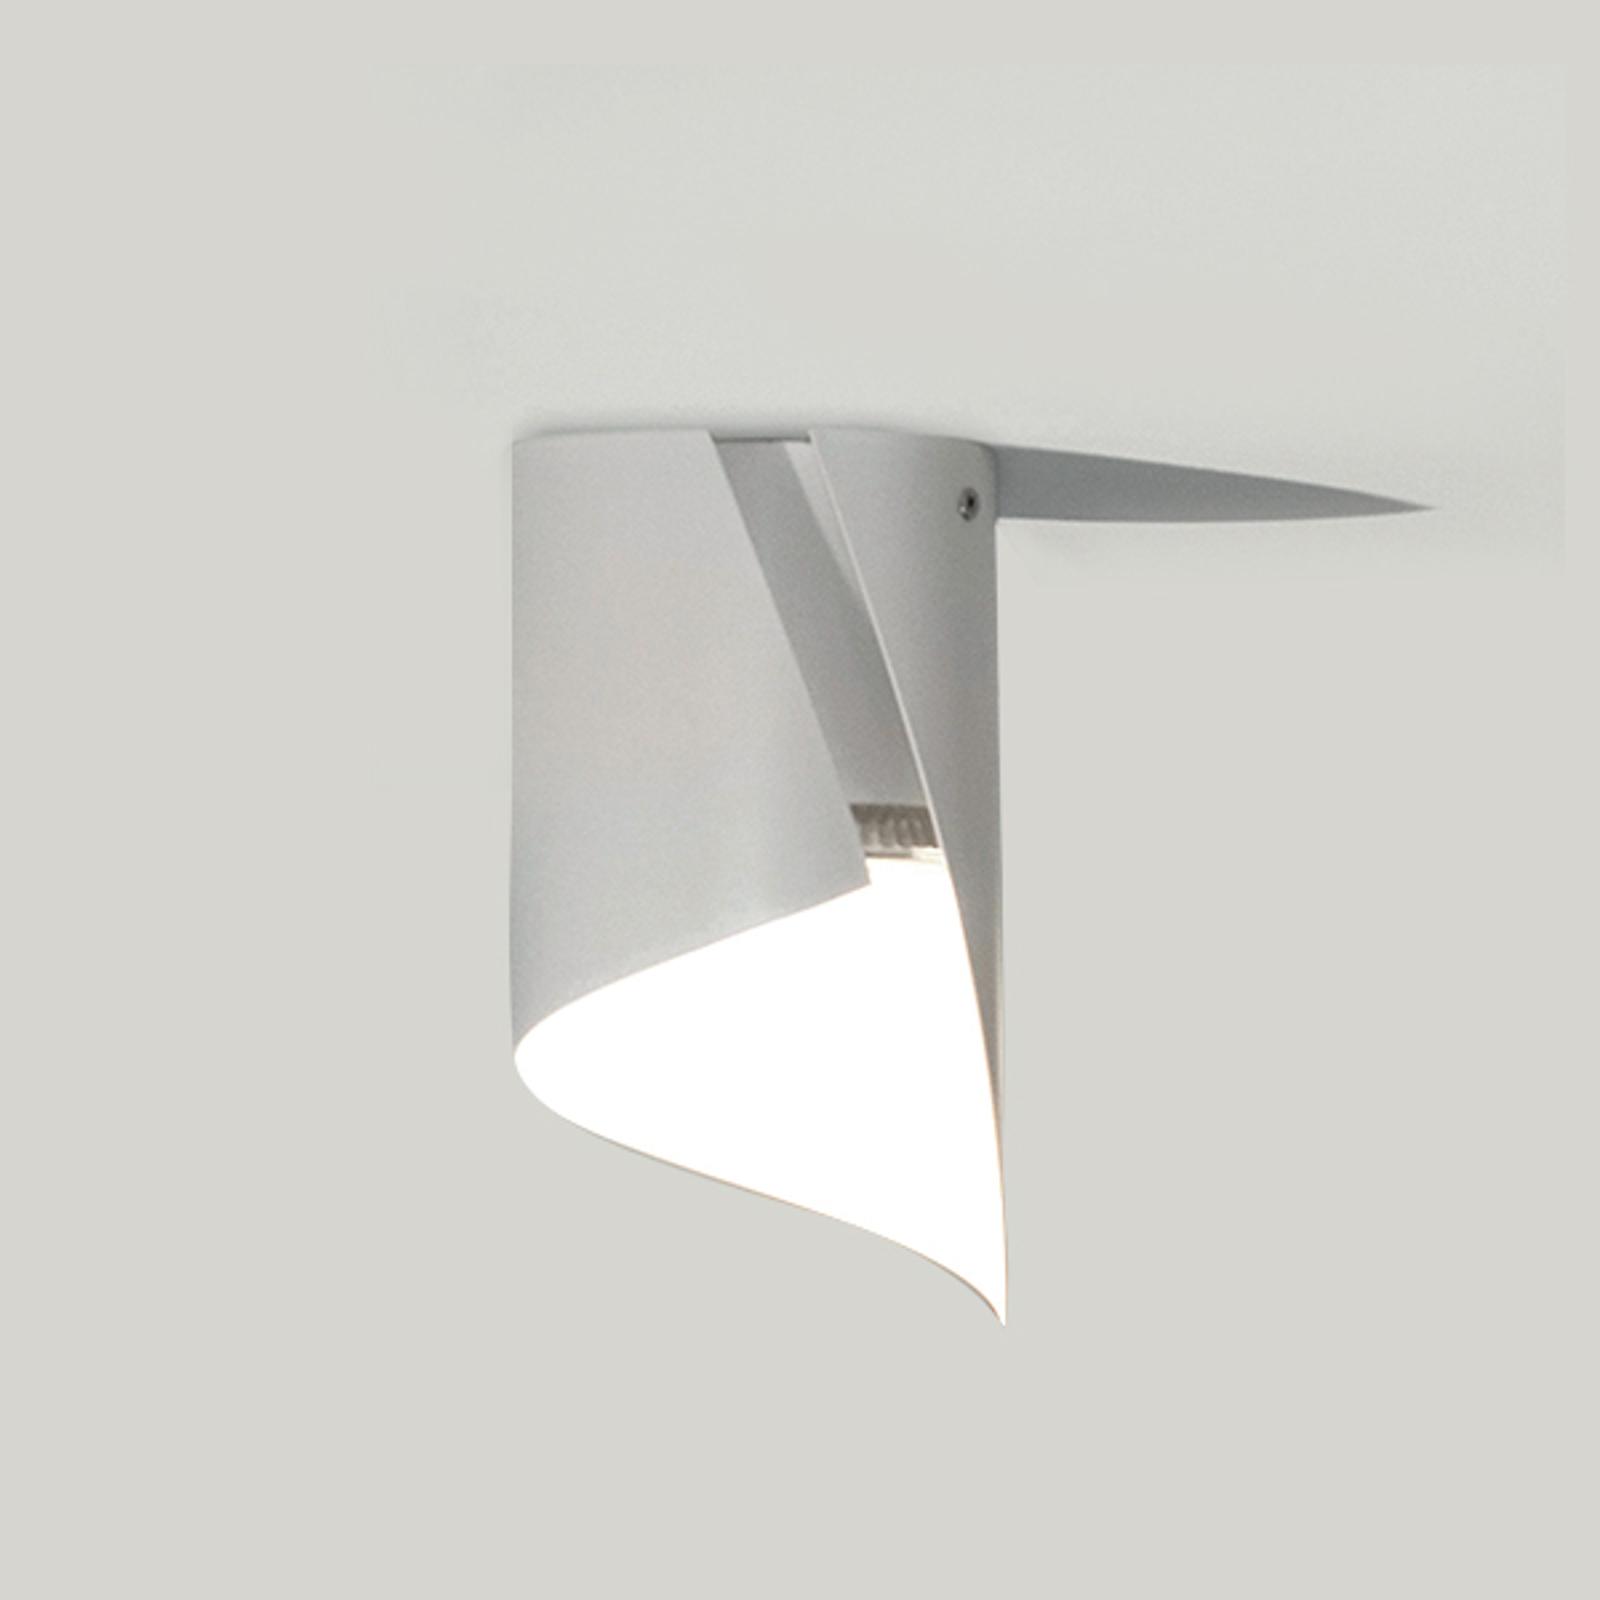 Knikerboker Hué LED-Deckenleuchte 12x21cm weiß